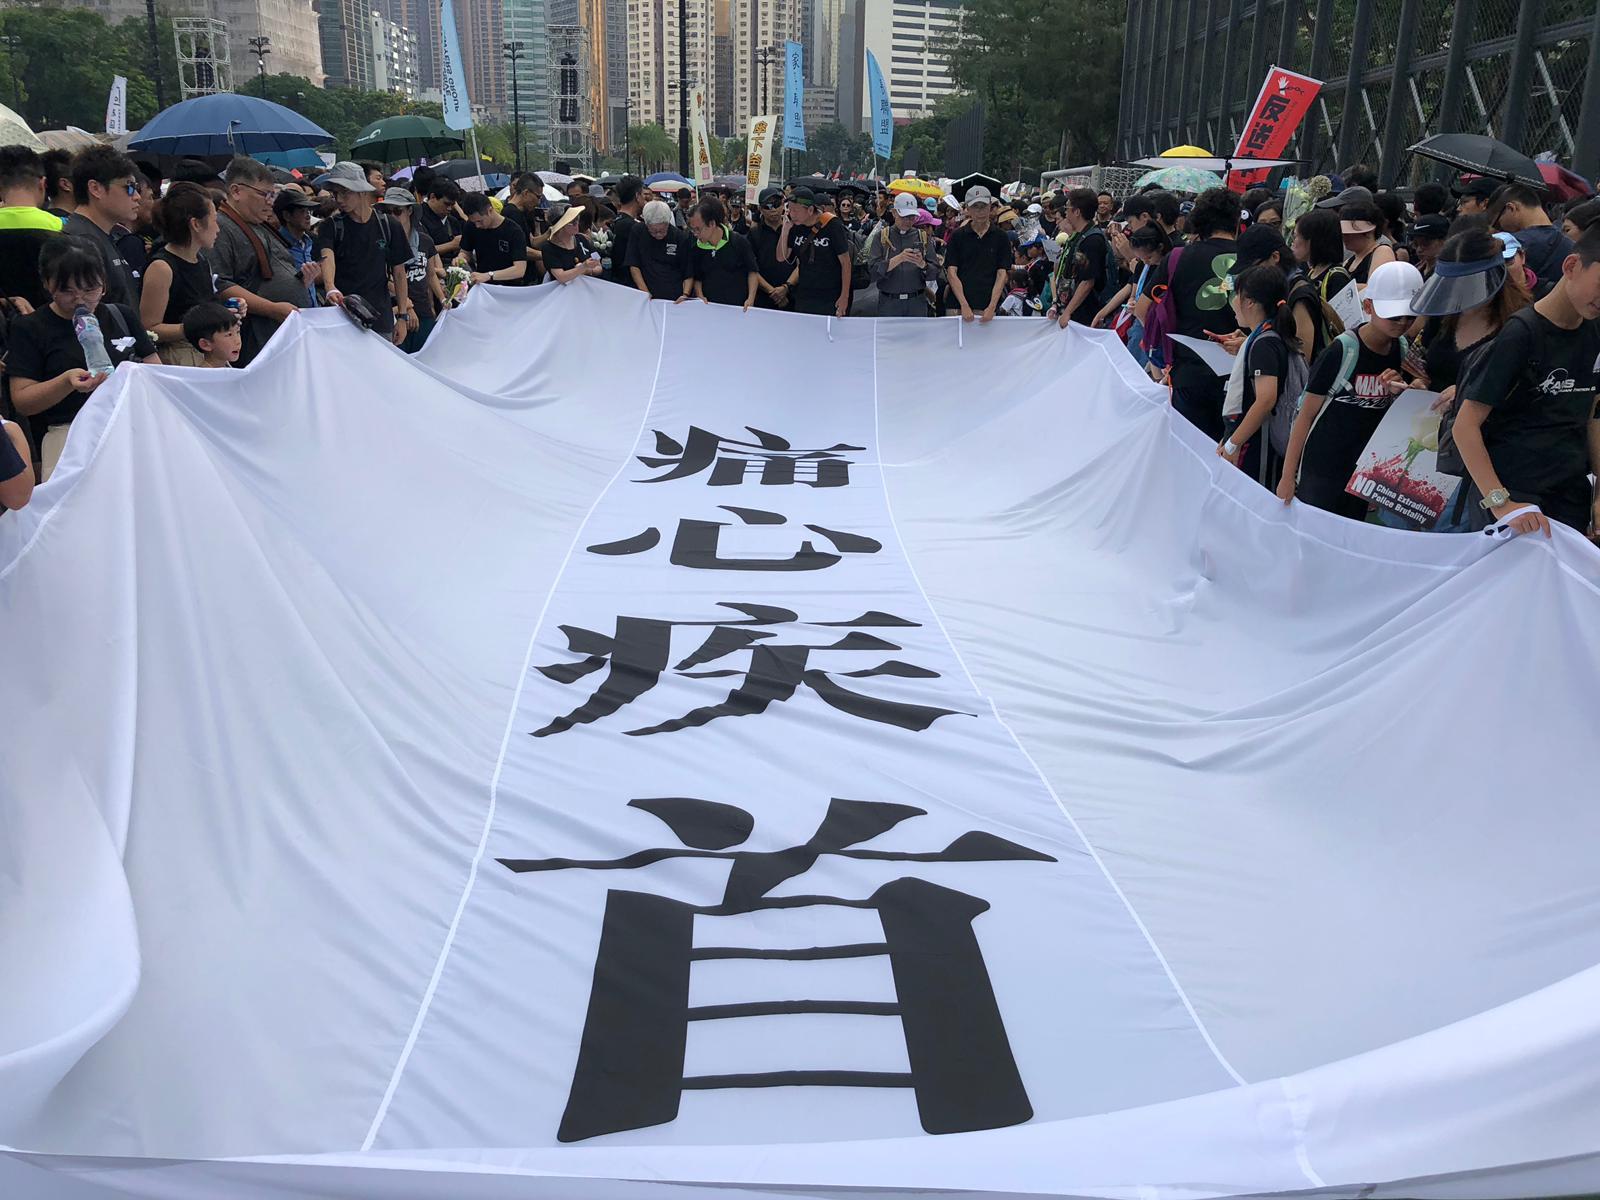 遊行隊頭拉起「痛心疾首」白底黑字大橫幅在維園出發。